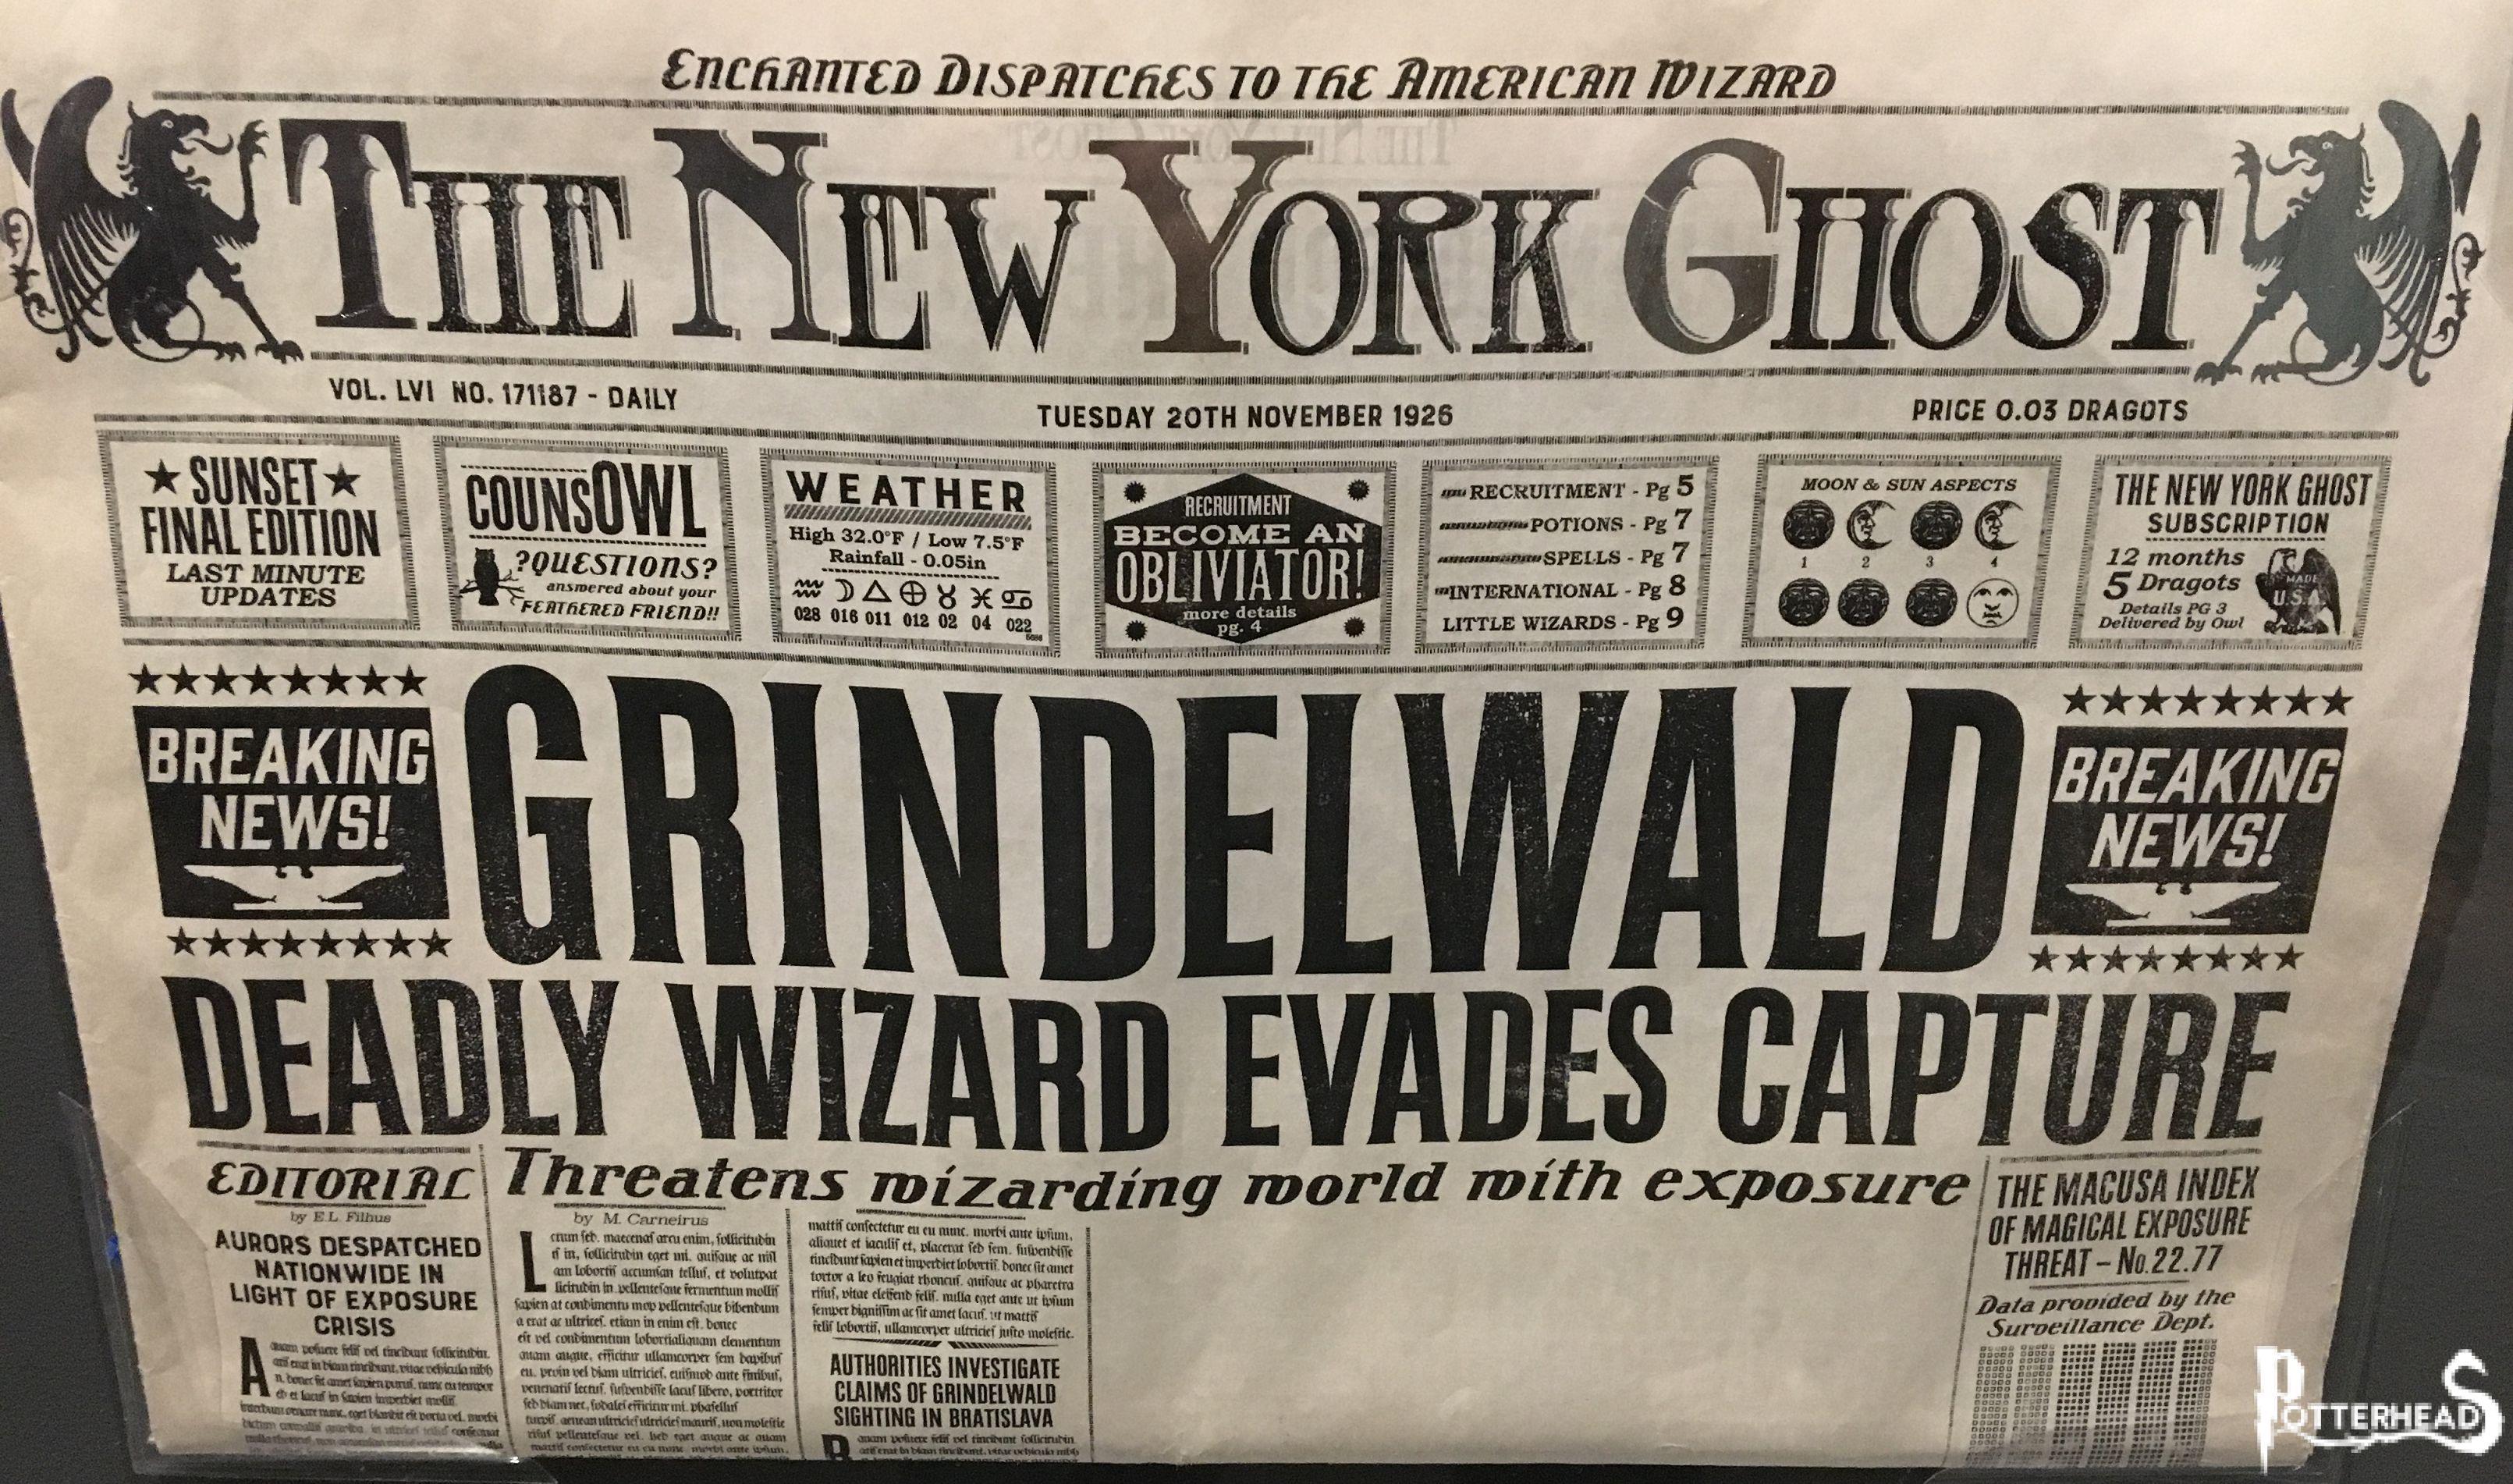 Lo Spettro di New York Harry Potter - PotterPedia.it